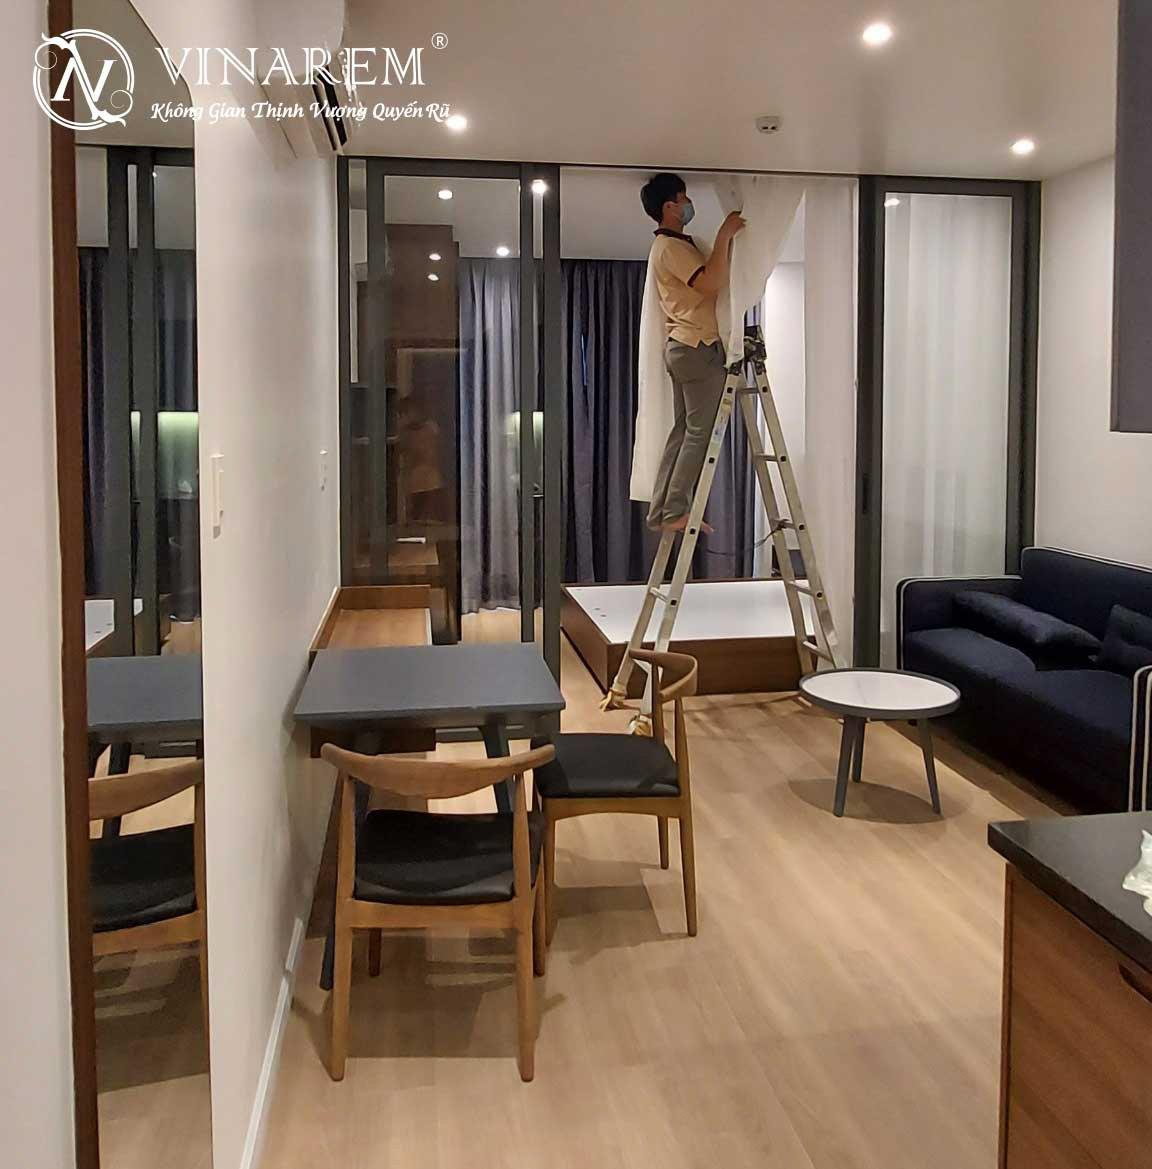 Rèm vri hai lớp cho phòng ngủ căn hộ chung cư cao cấp | Vinarem